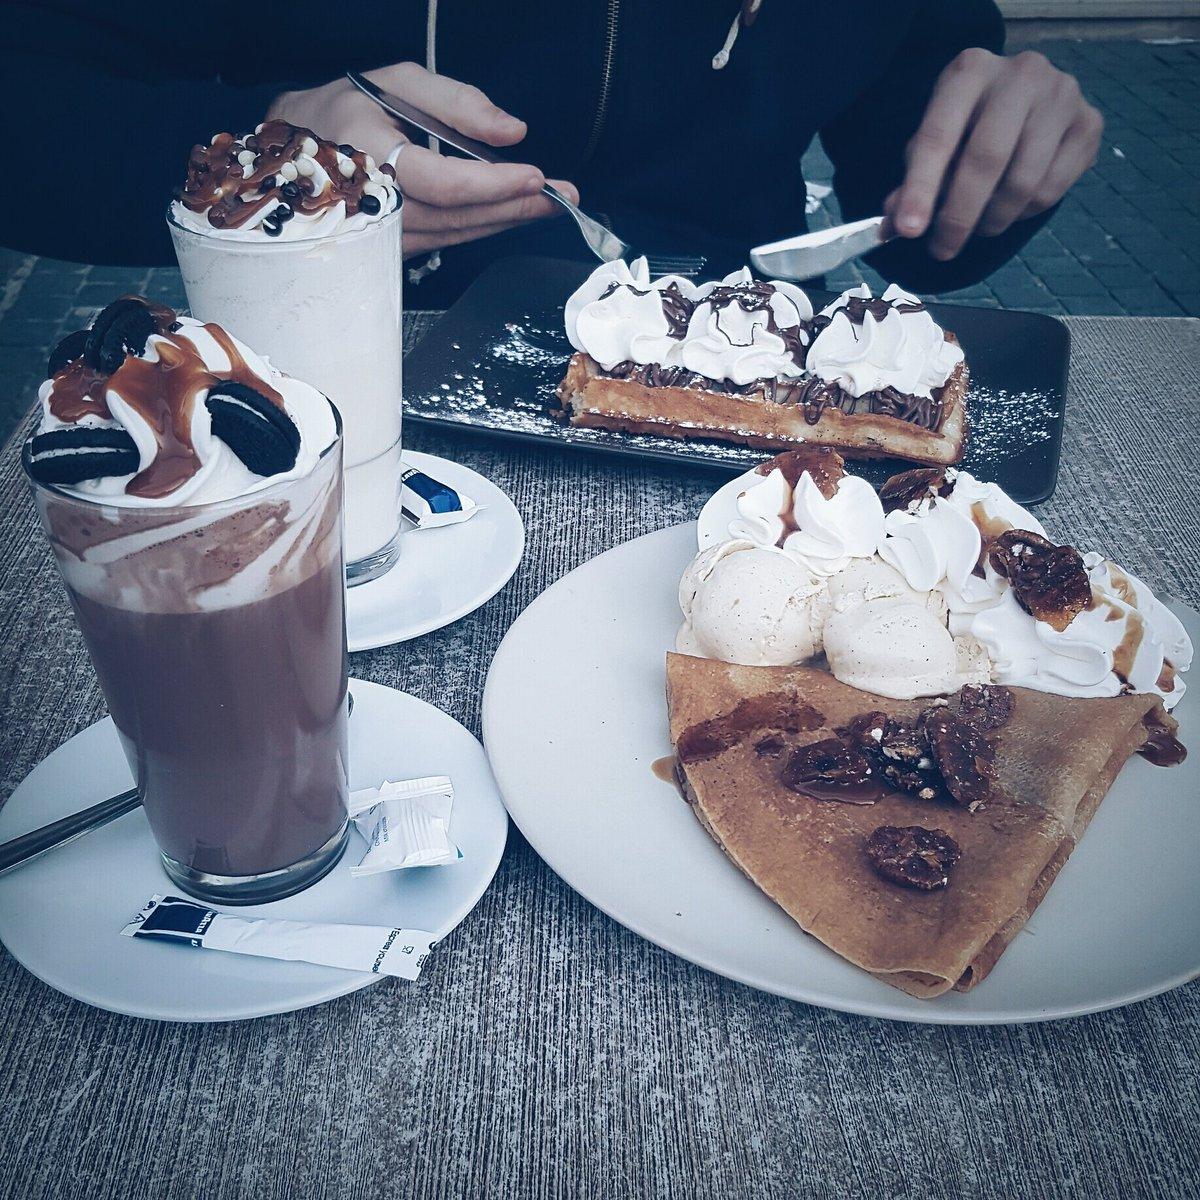 De ce temps là j&#39;aimerai revenir à ce samedi en terrasse avec mon Amour , et voilà 2 jrs de  et j&#39;y suis habituée  #food #love #boyfriend<br>http://pic.twitter.com/5HlGj6IYOk